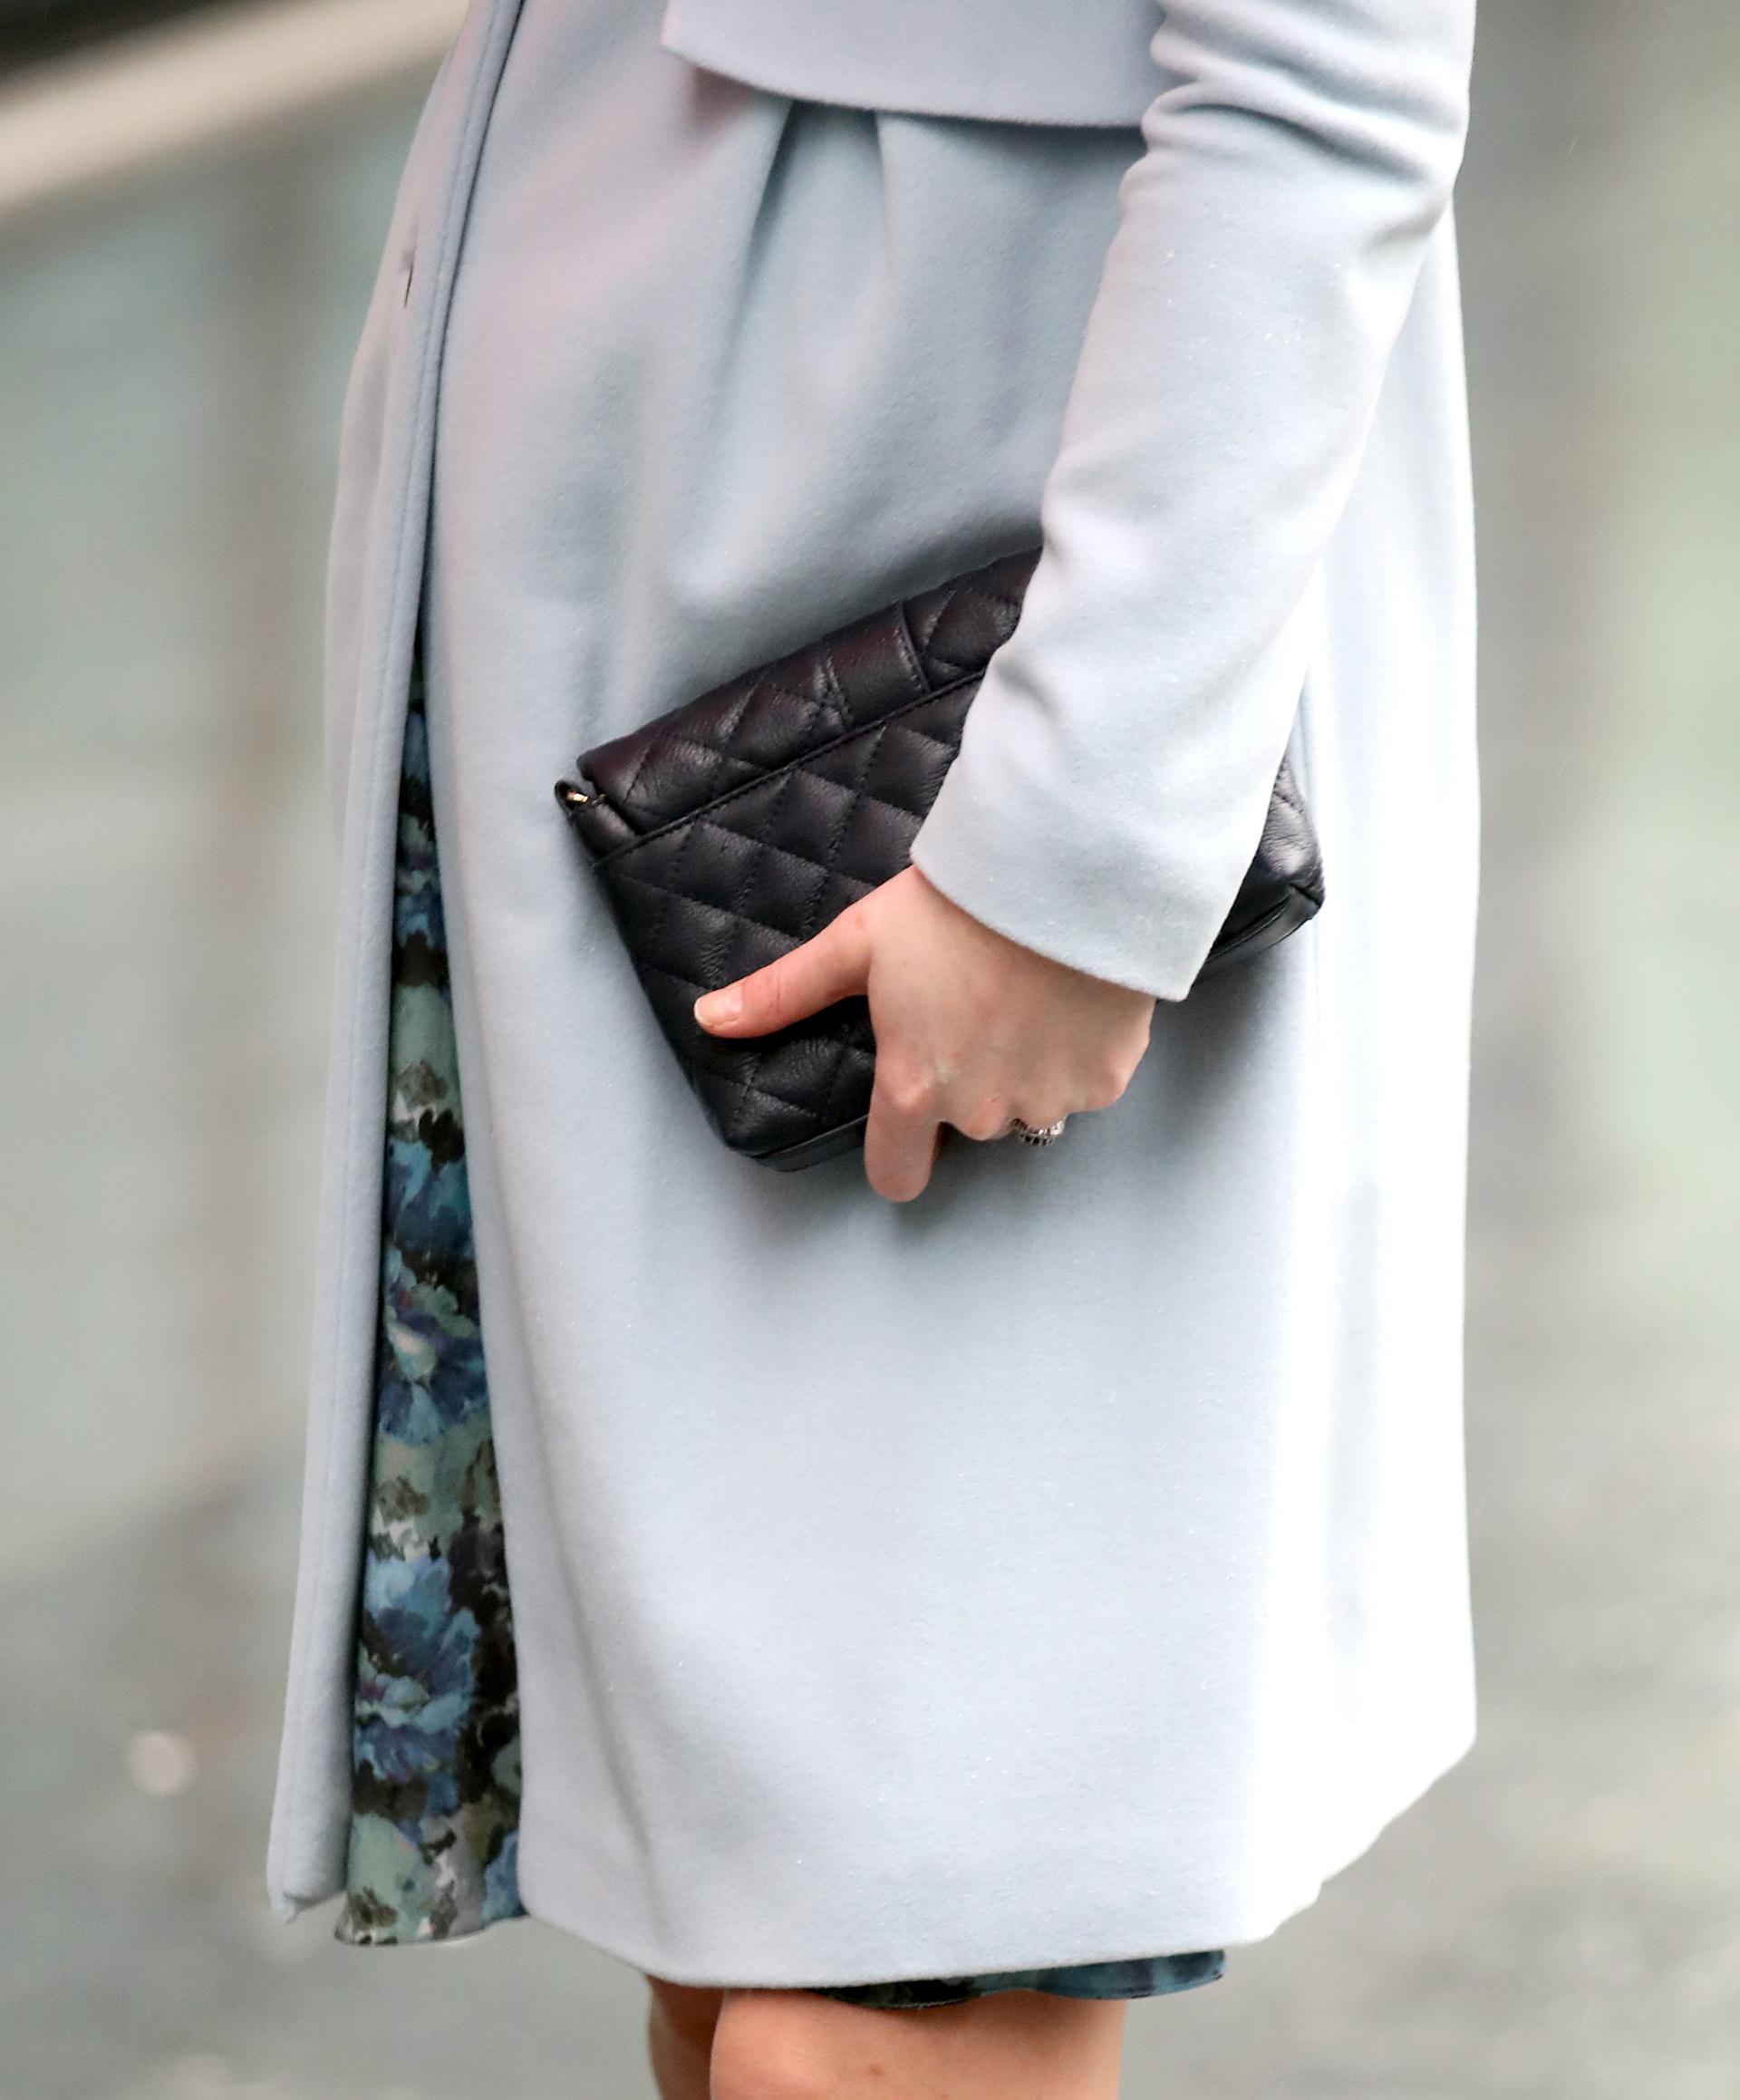 El detalle del estampado floral de su vestido y de la pequeña cartera negra